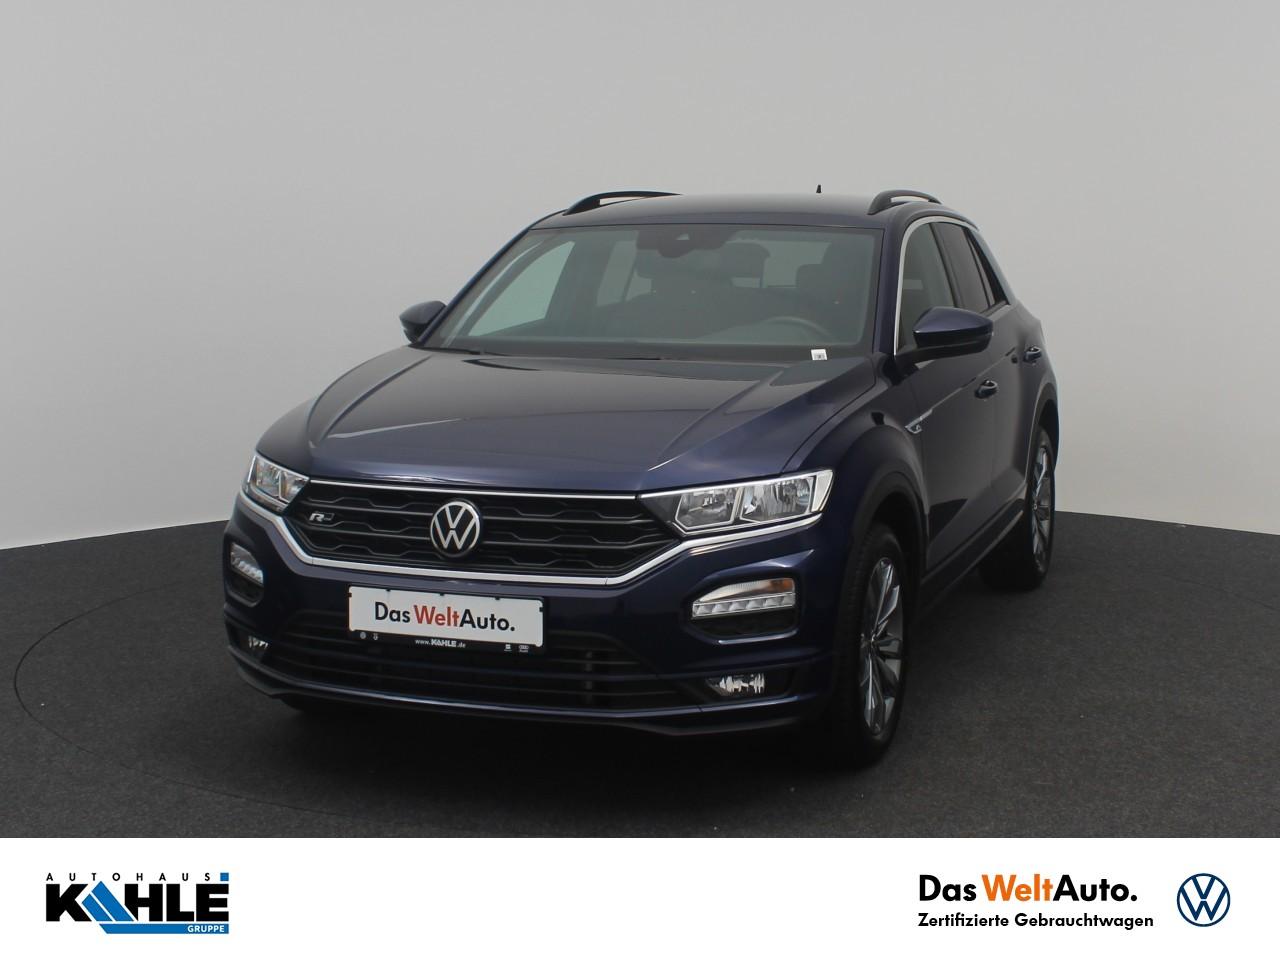 Volkswagen T-Roc 1.5 TSI Sport R-Line Navi Klima Kamera ACC, Jahr 2020, Benzin